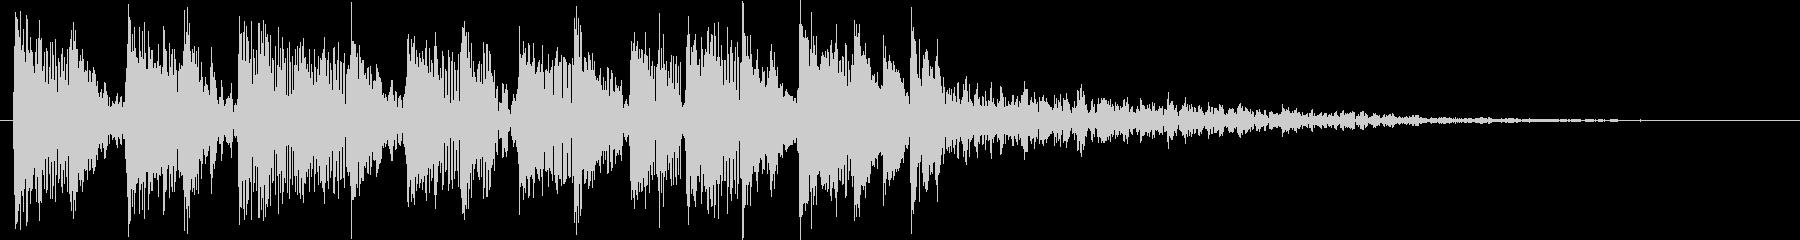 エレクトリックなカウントダウンのジングルの未再生の波形